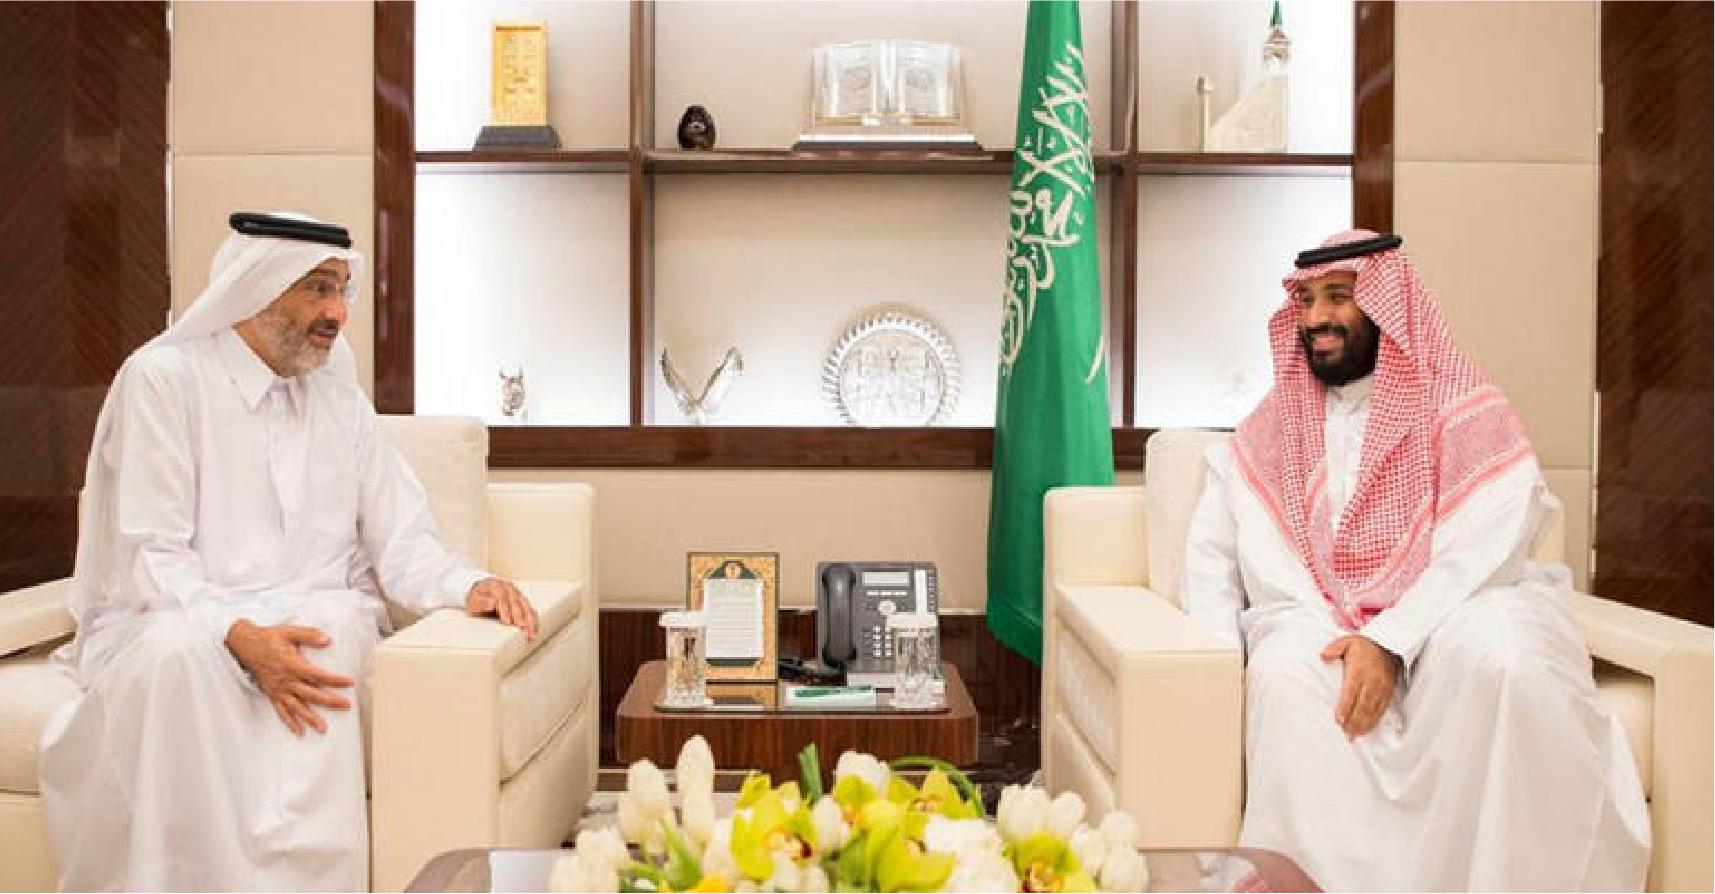 صورة السلطات السعودية تتكرّّم على القطريين وتسمح لهم بعبادة ربهم